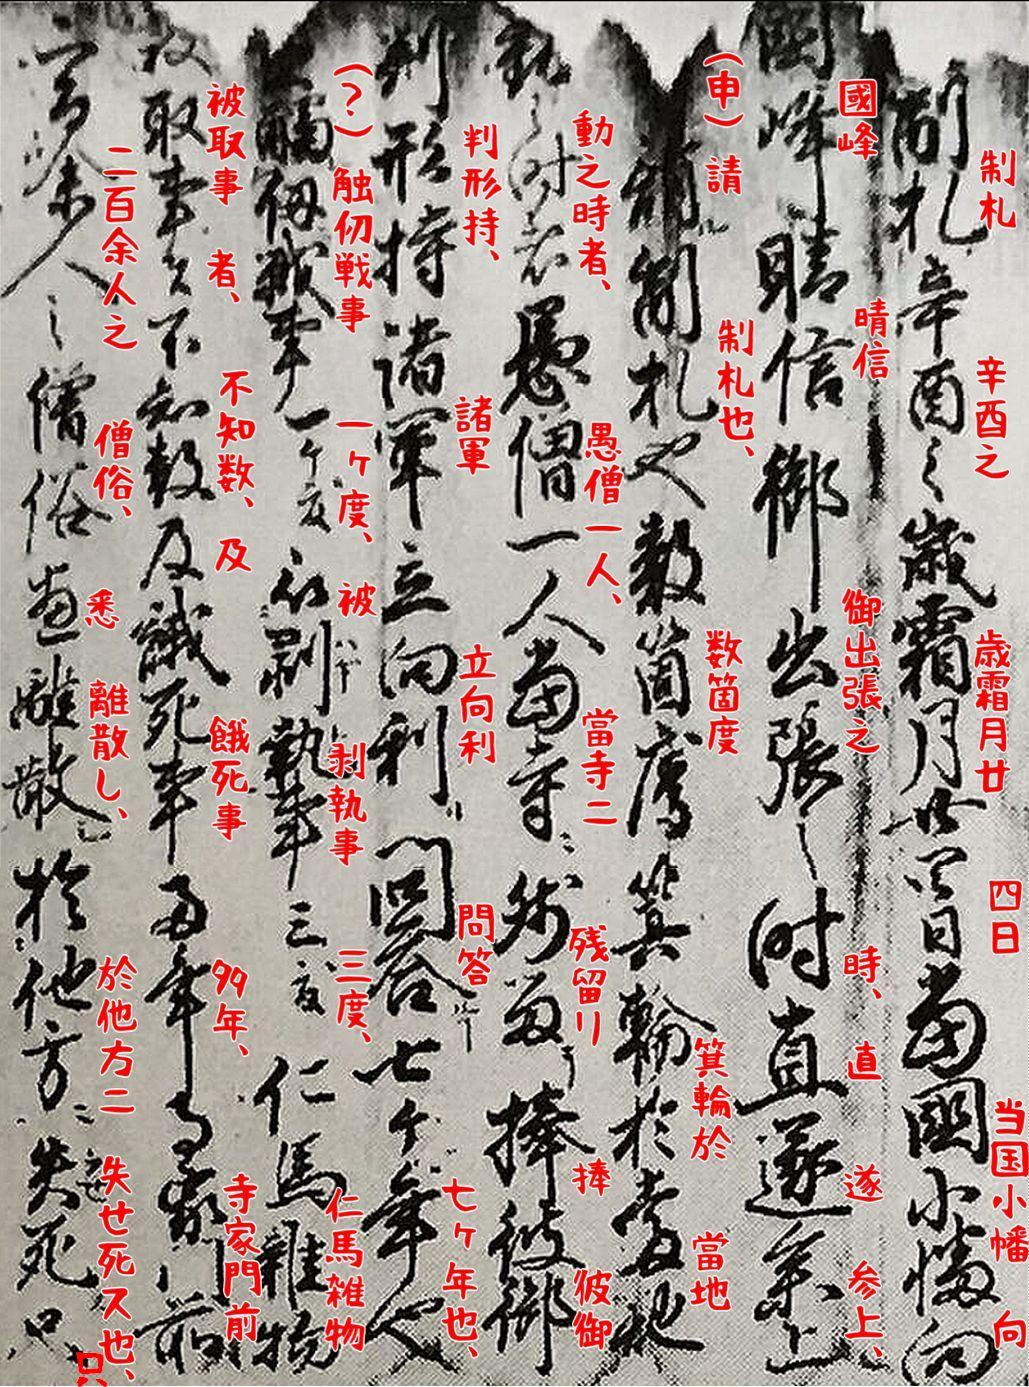 永禄十年三月七日付け受連覚書(a+釈文)